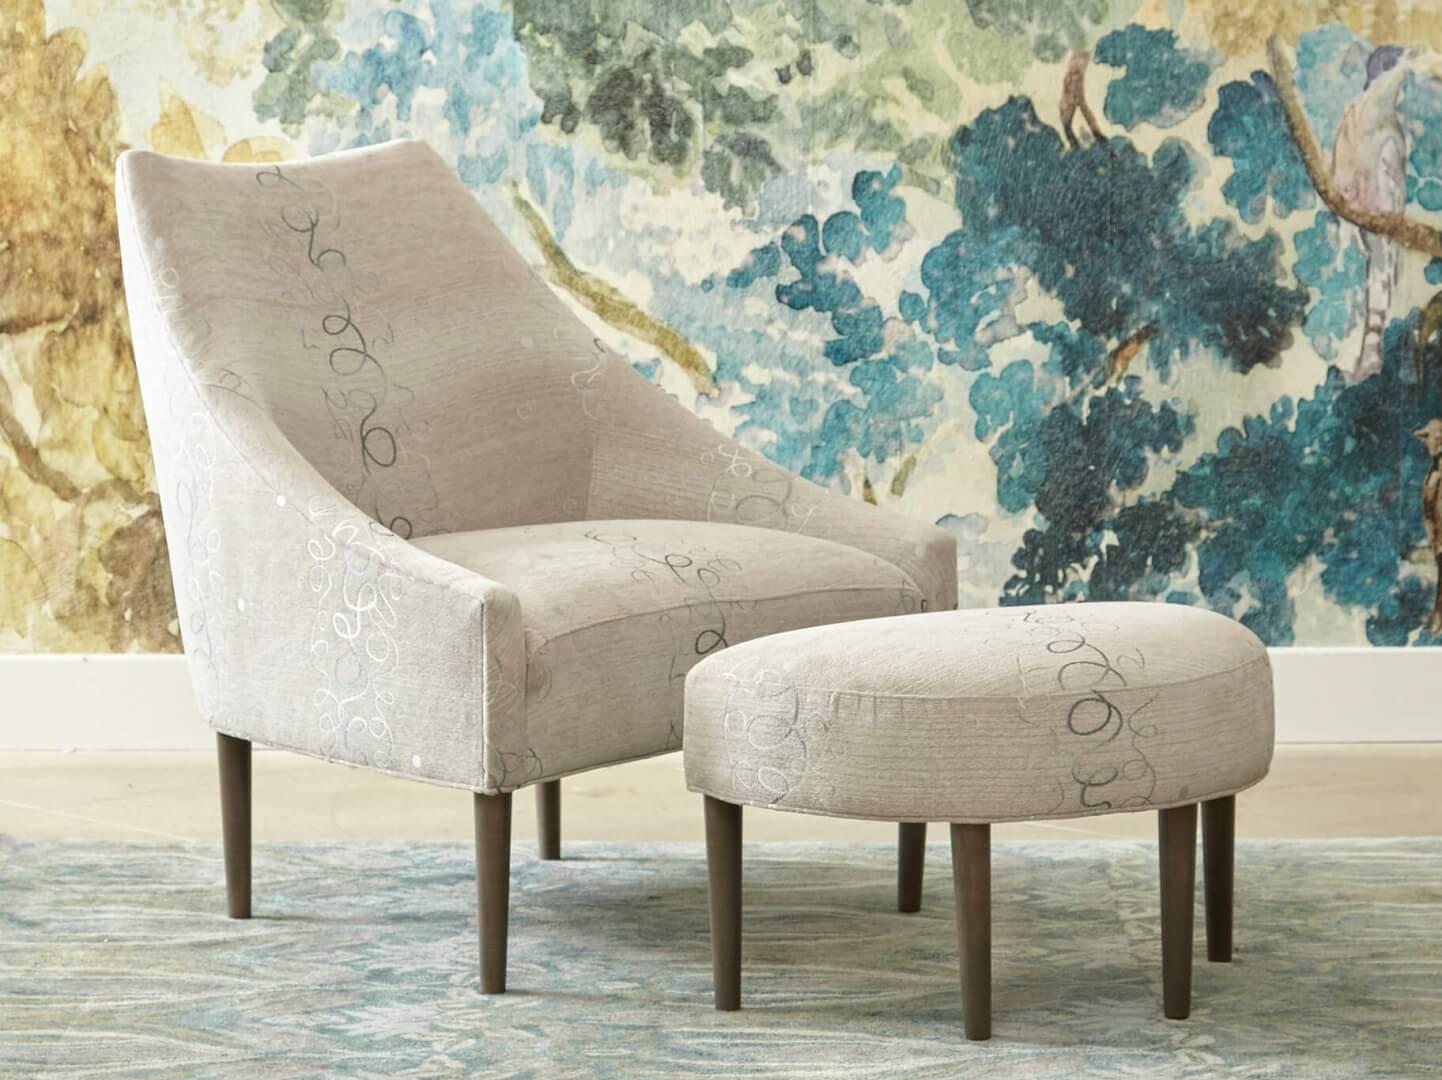 interior_design_style_new_classics_Sonata_chair_ottoman_Simple Chic